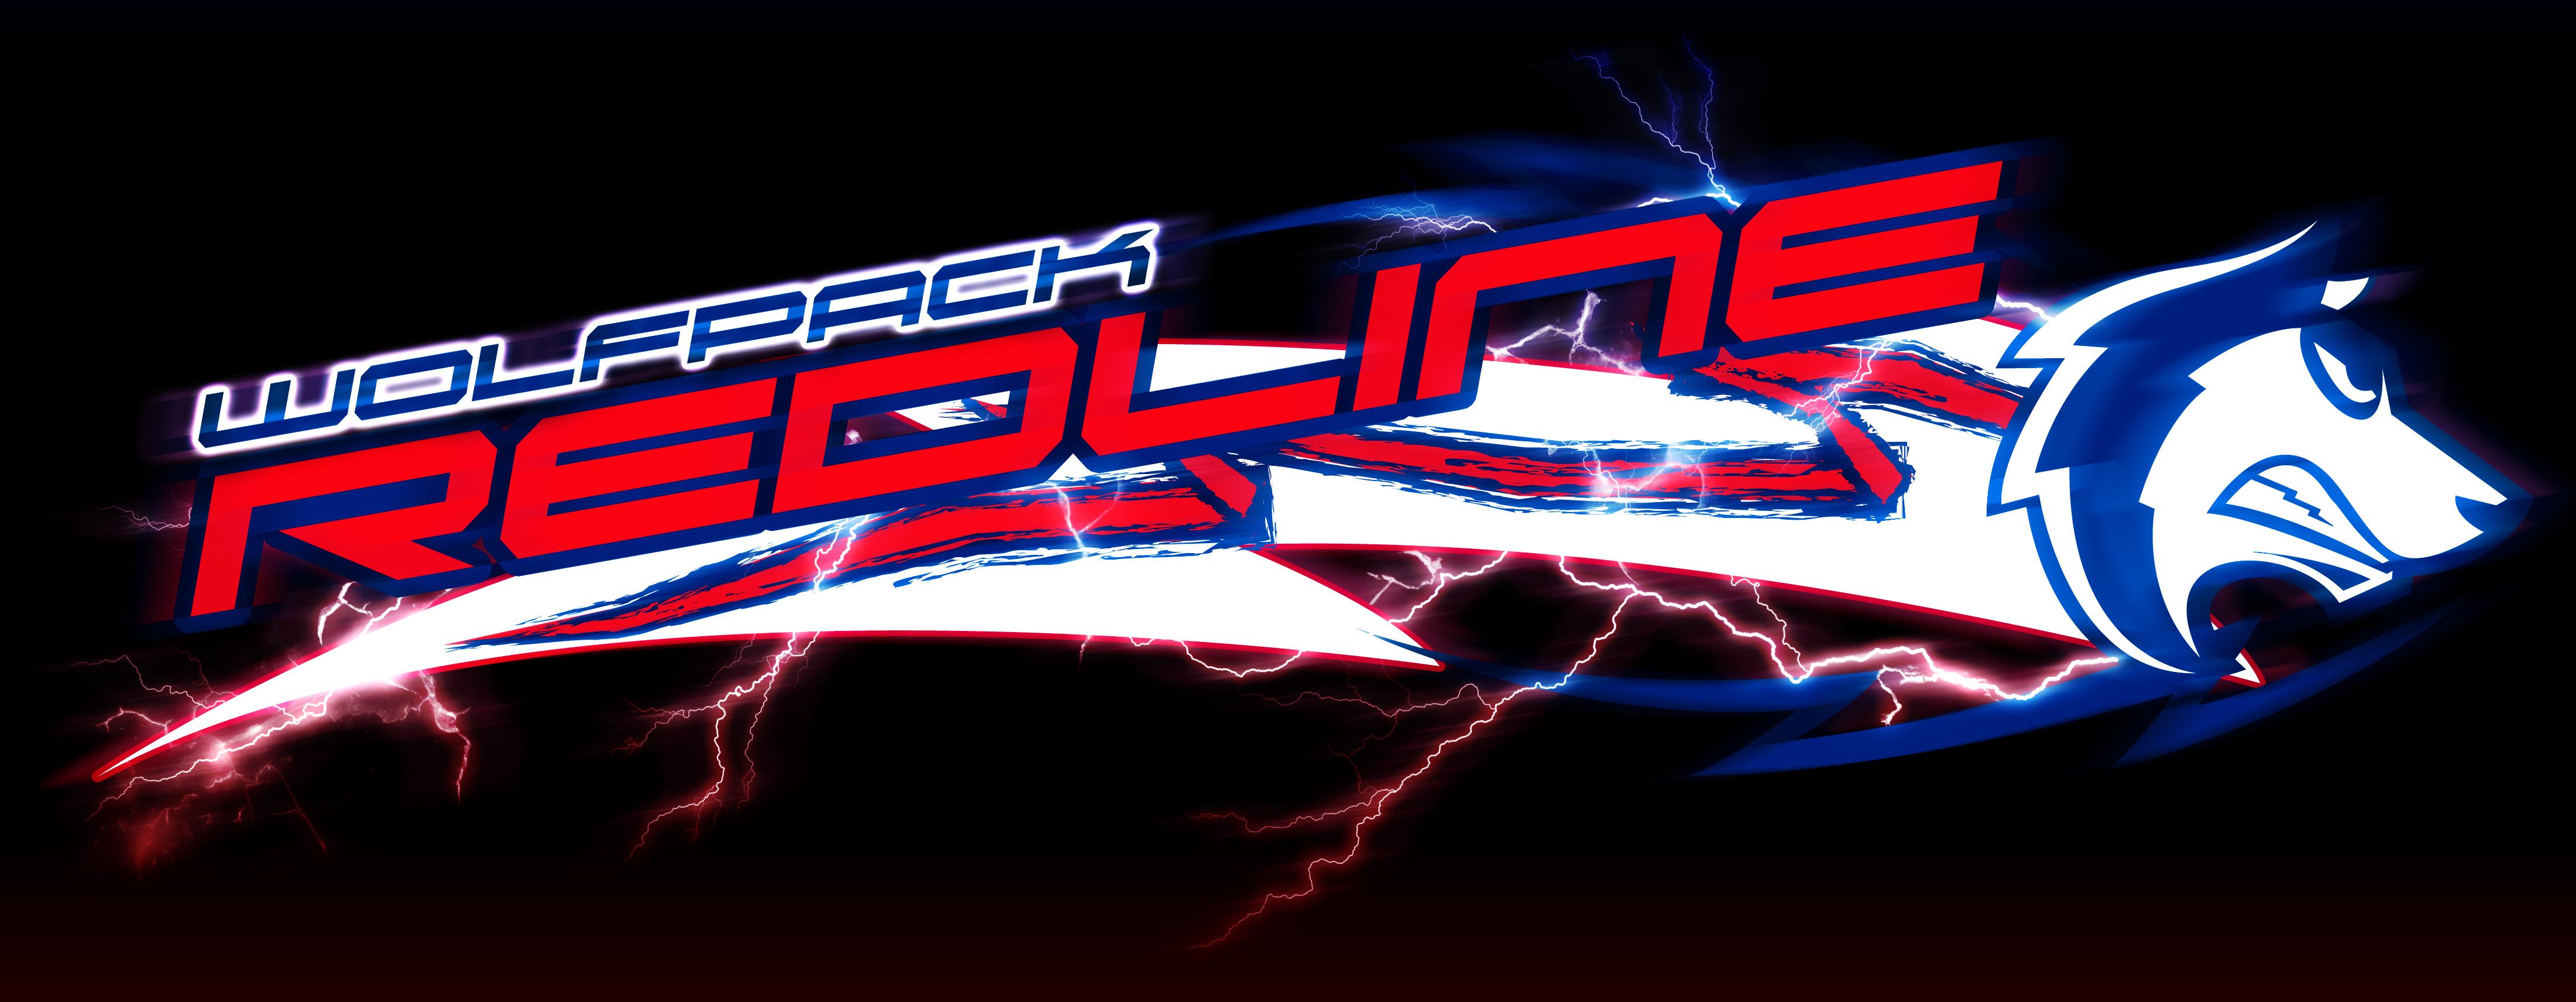 CSU-Redline-Logo.jpg